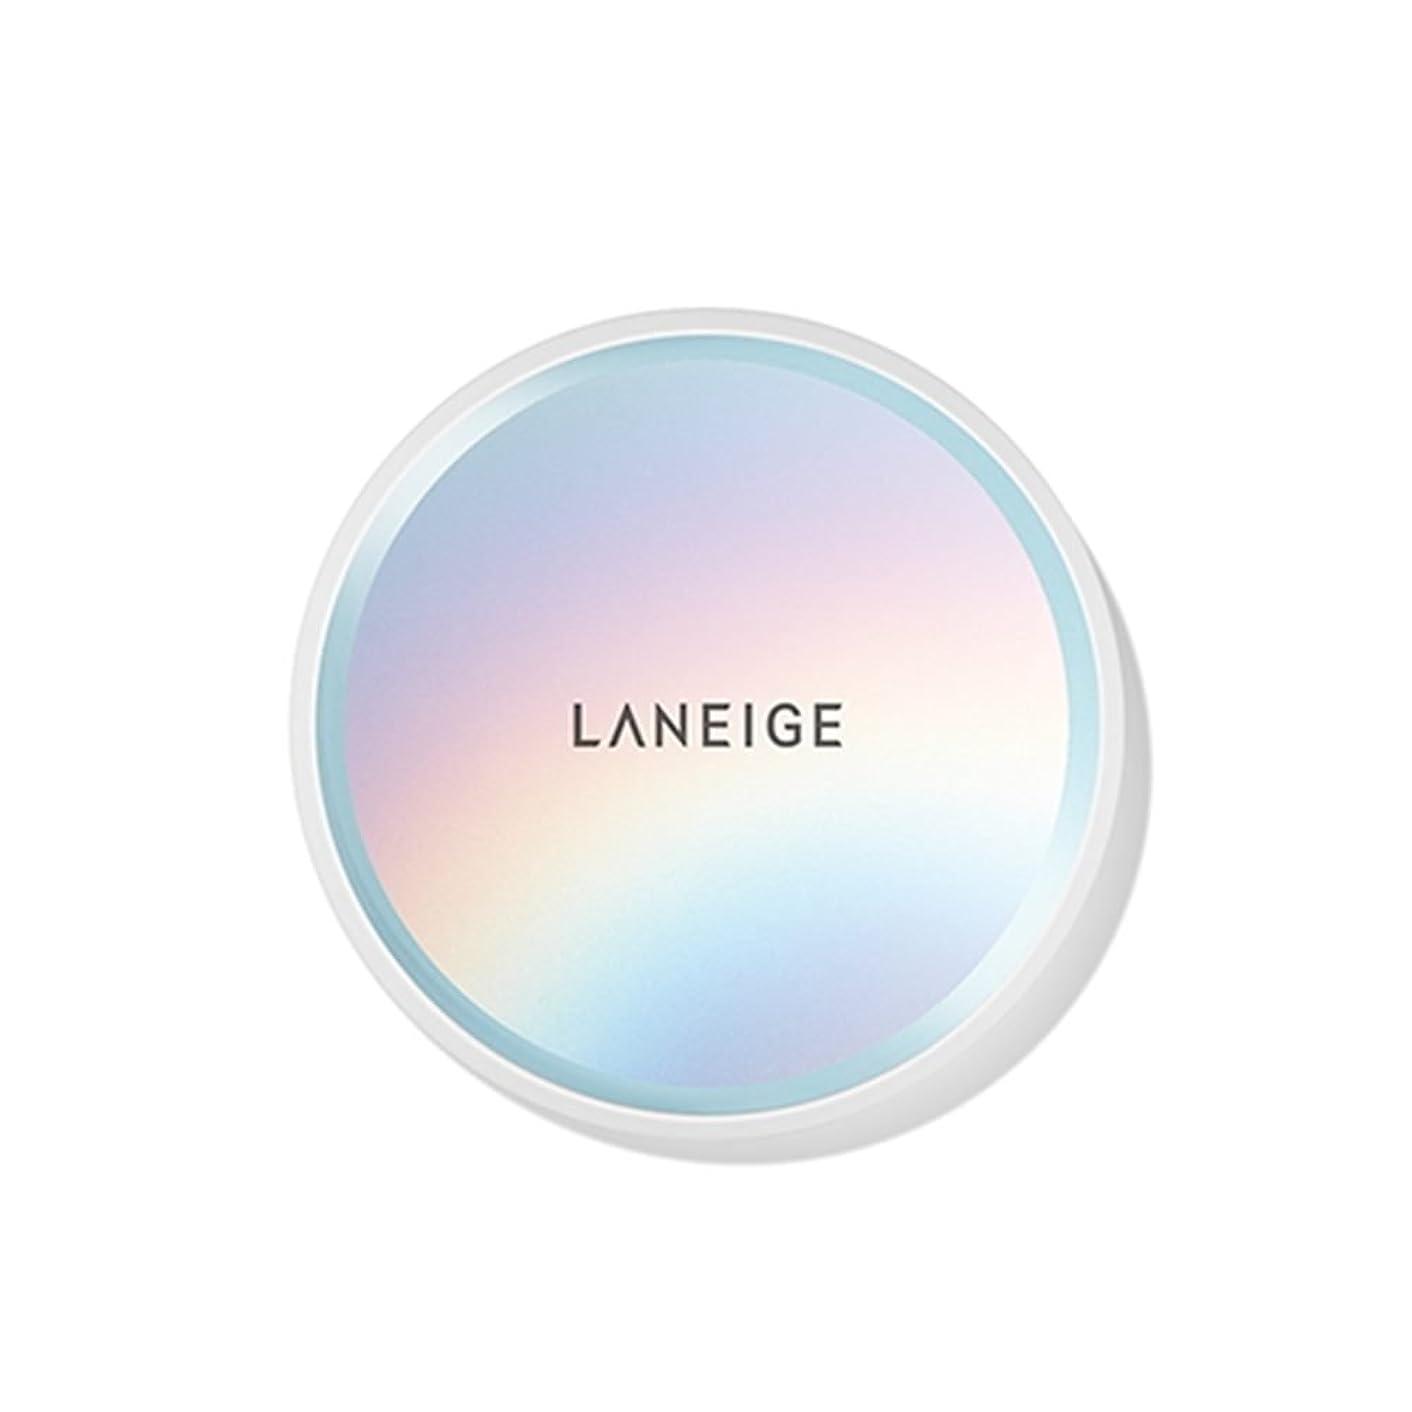 区画段落人工【ラネージュ】 LANEIGE BB Cushion Pore Control BBクッションポアコントロール 【韓国直送品】 OOPSPANDA (2.No. 13 Ivory)